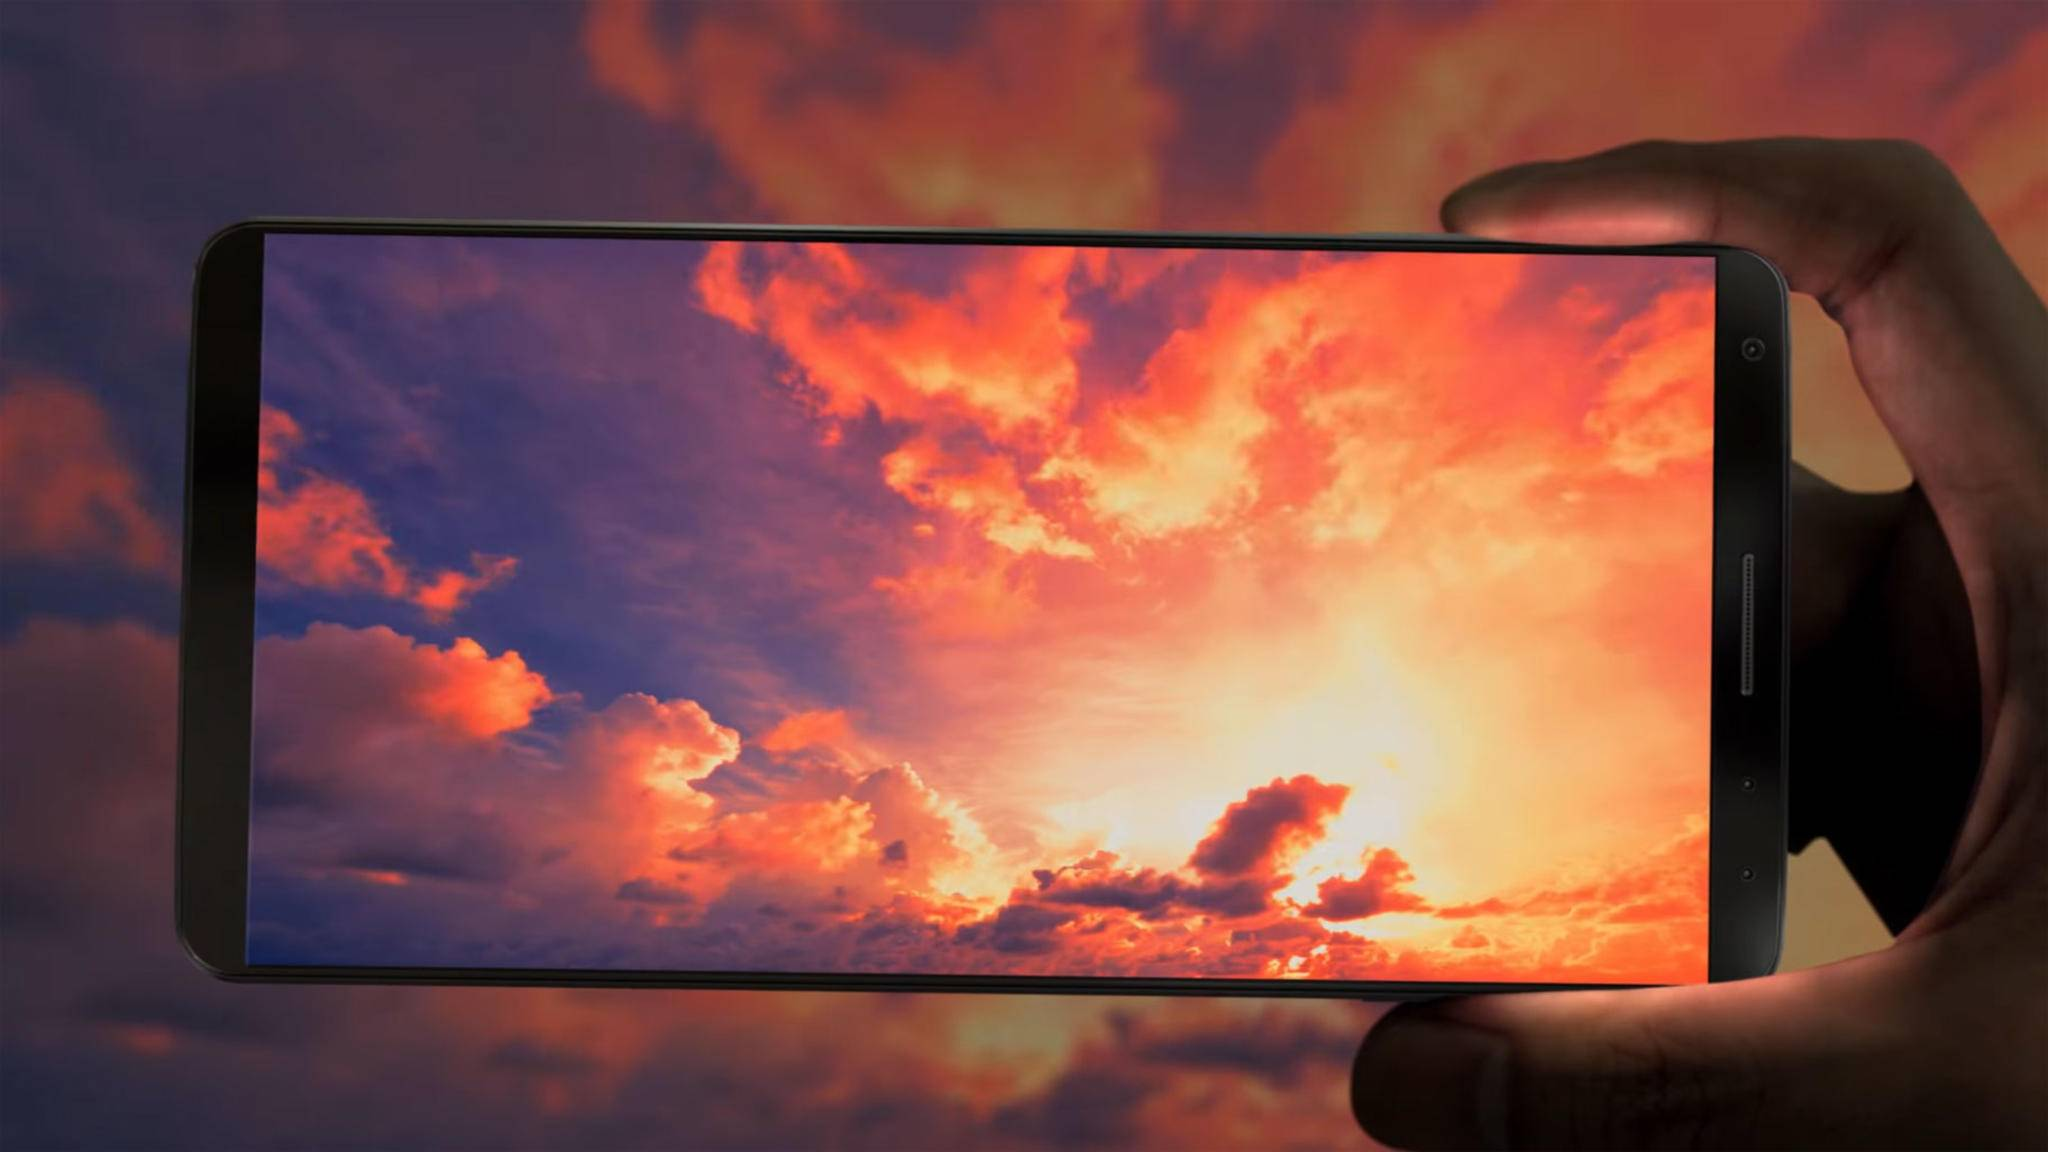 Das Galaxy S8 soll die Heatpipe des Galaxy S7 bekommen.